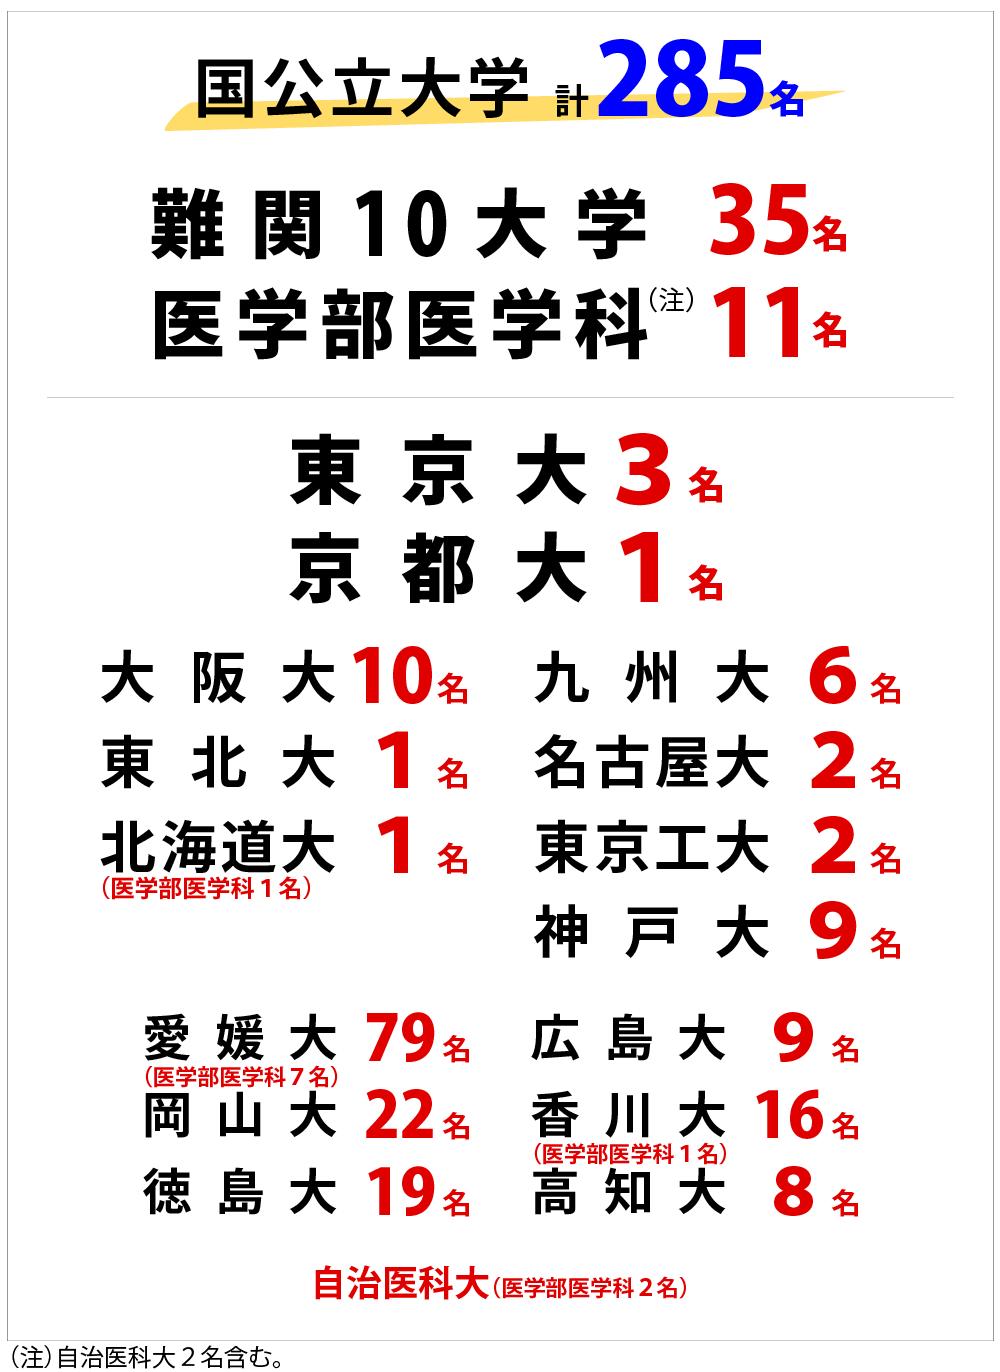 学習塾・寺小屋の国公立大学2021年合格者数